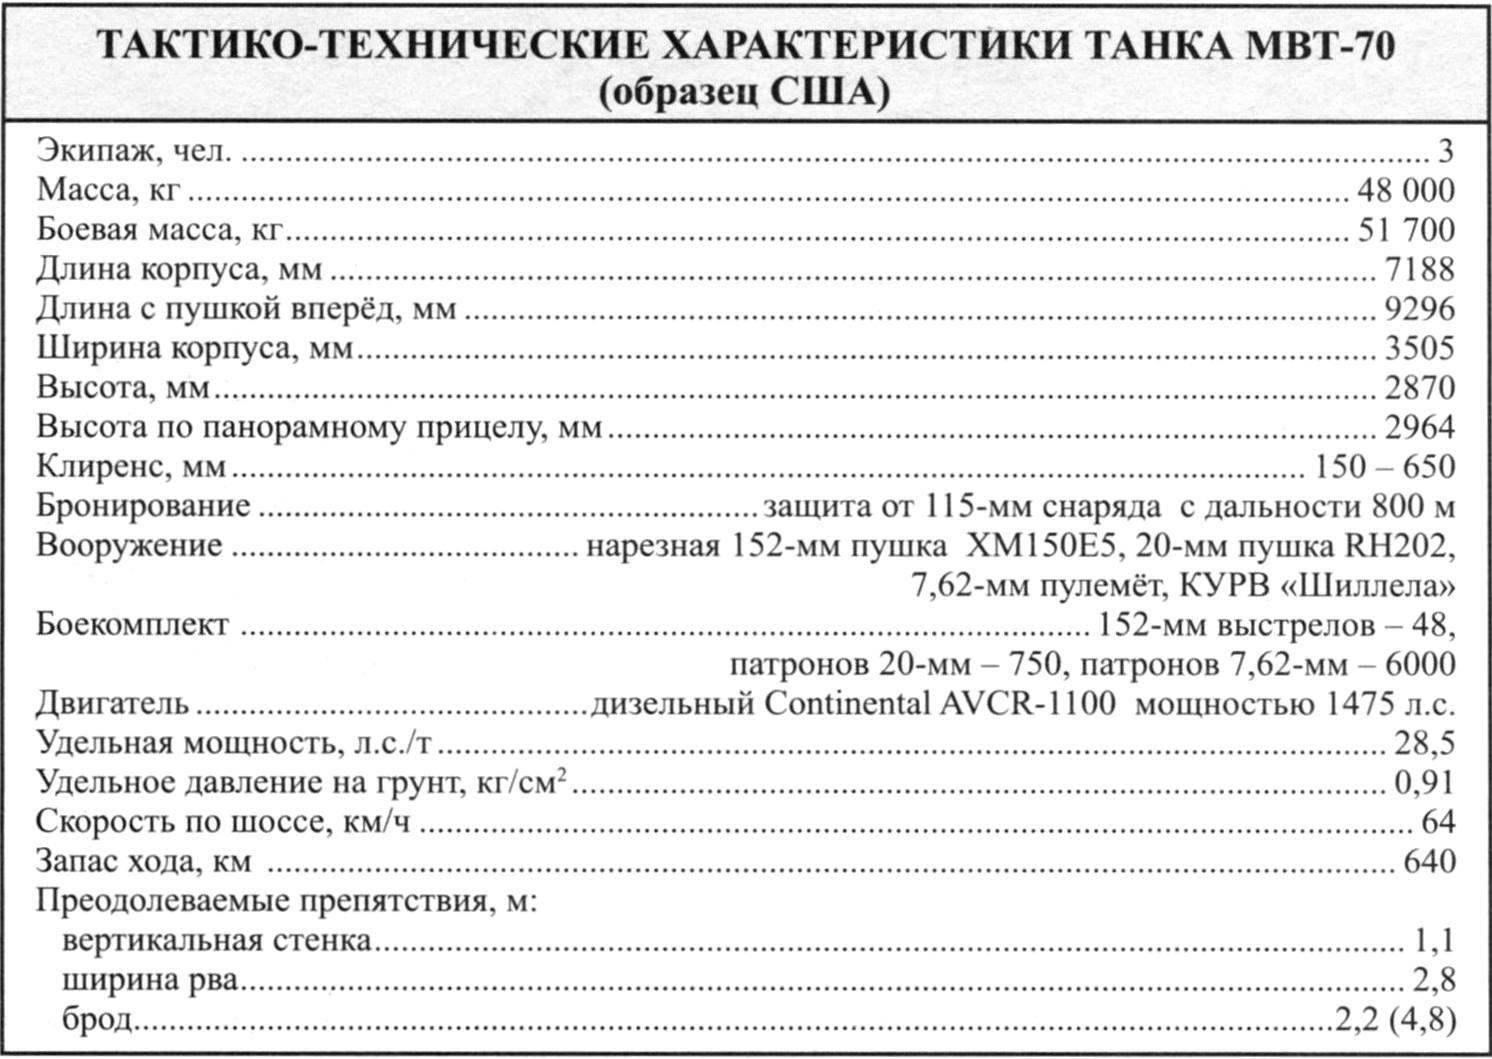 ТАКТИКО-ТЕХНИЧЕСКИЕ ХАРАКТЕРИСТИКИ ТАНКА МВТ-70 (образец США)